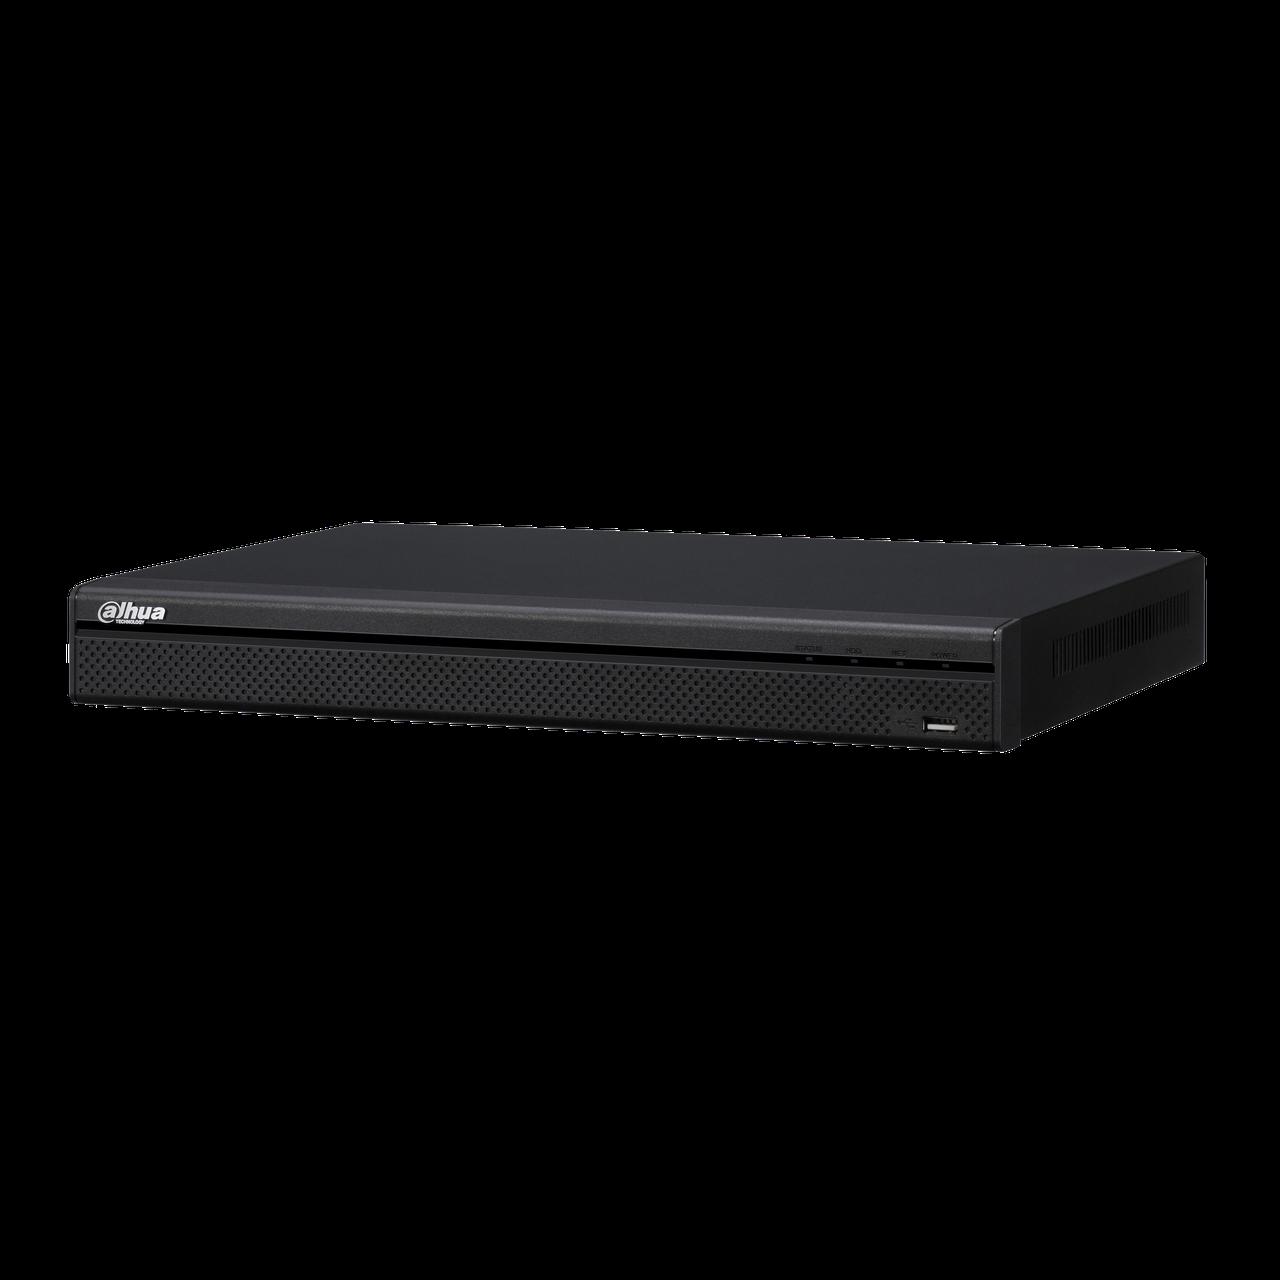 Видеорегистратор NVR4832-4KS2 Dahua Technology